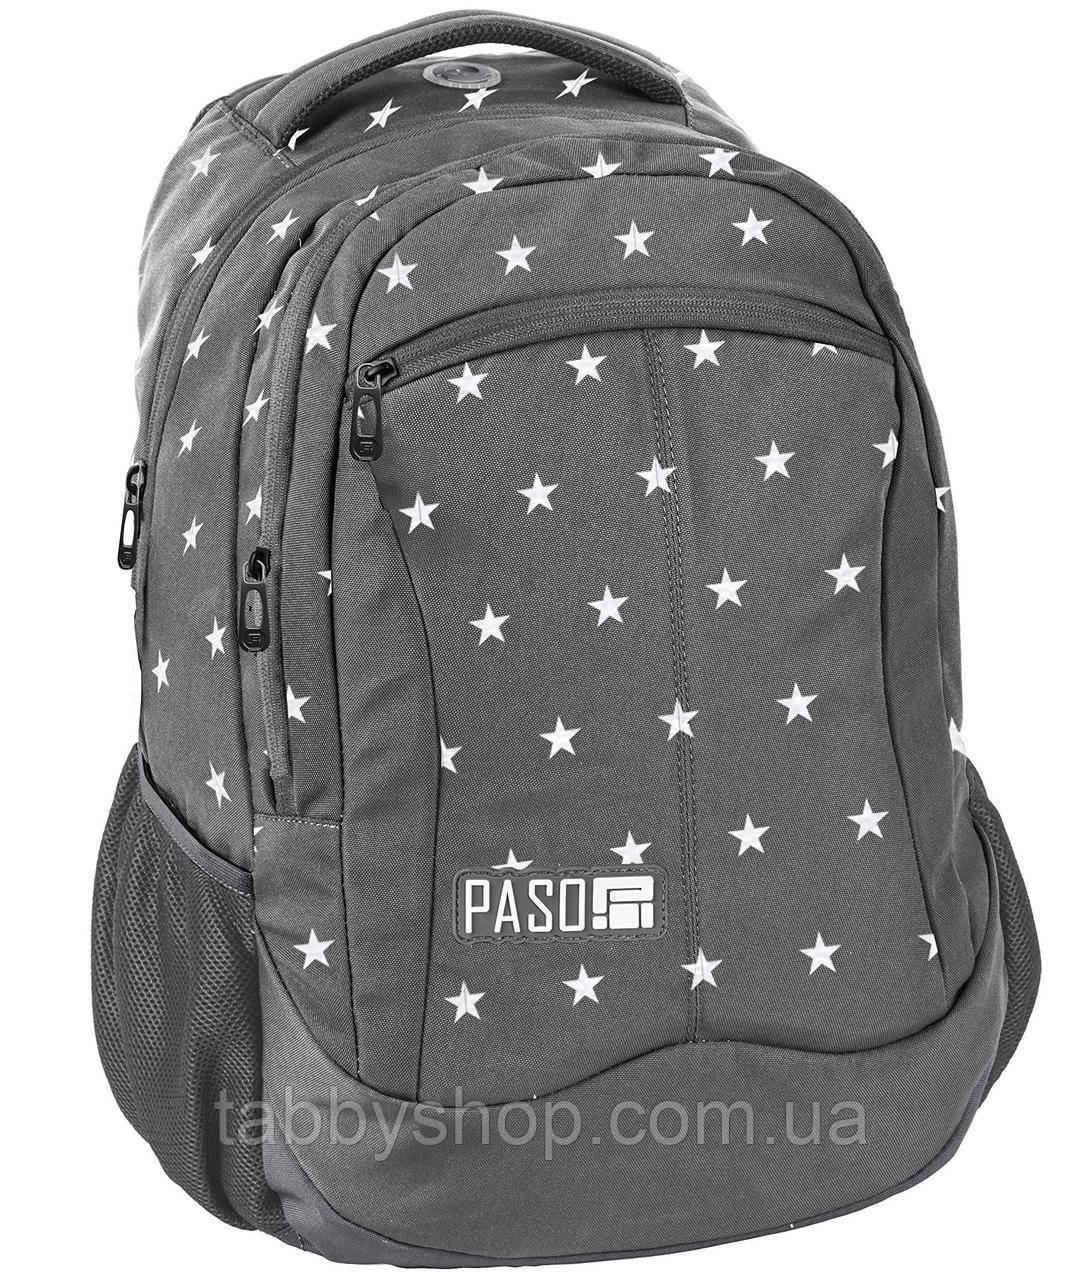 Рюкзак шкільний PASO Stars